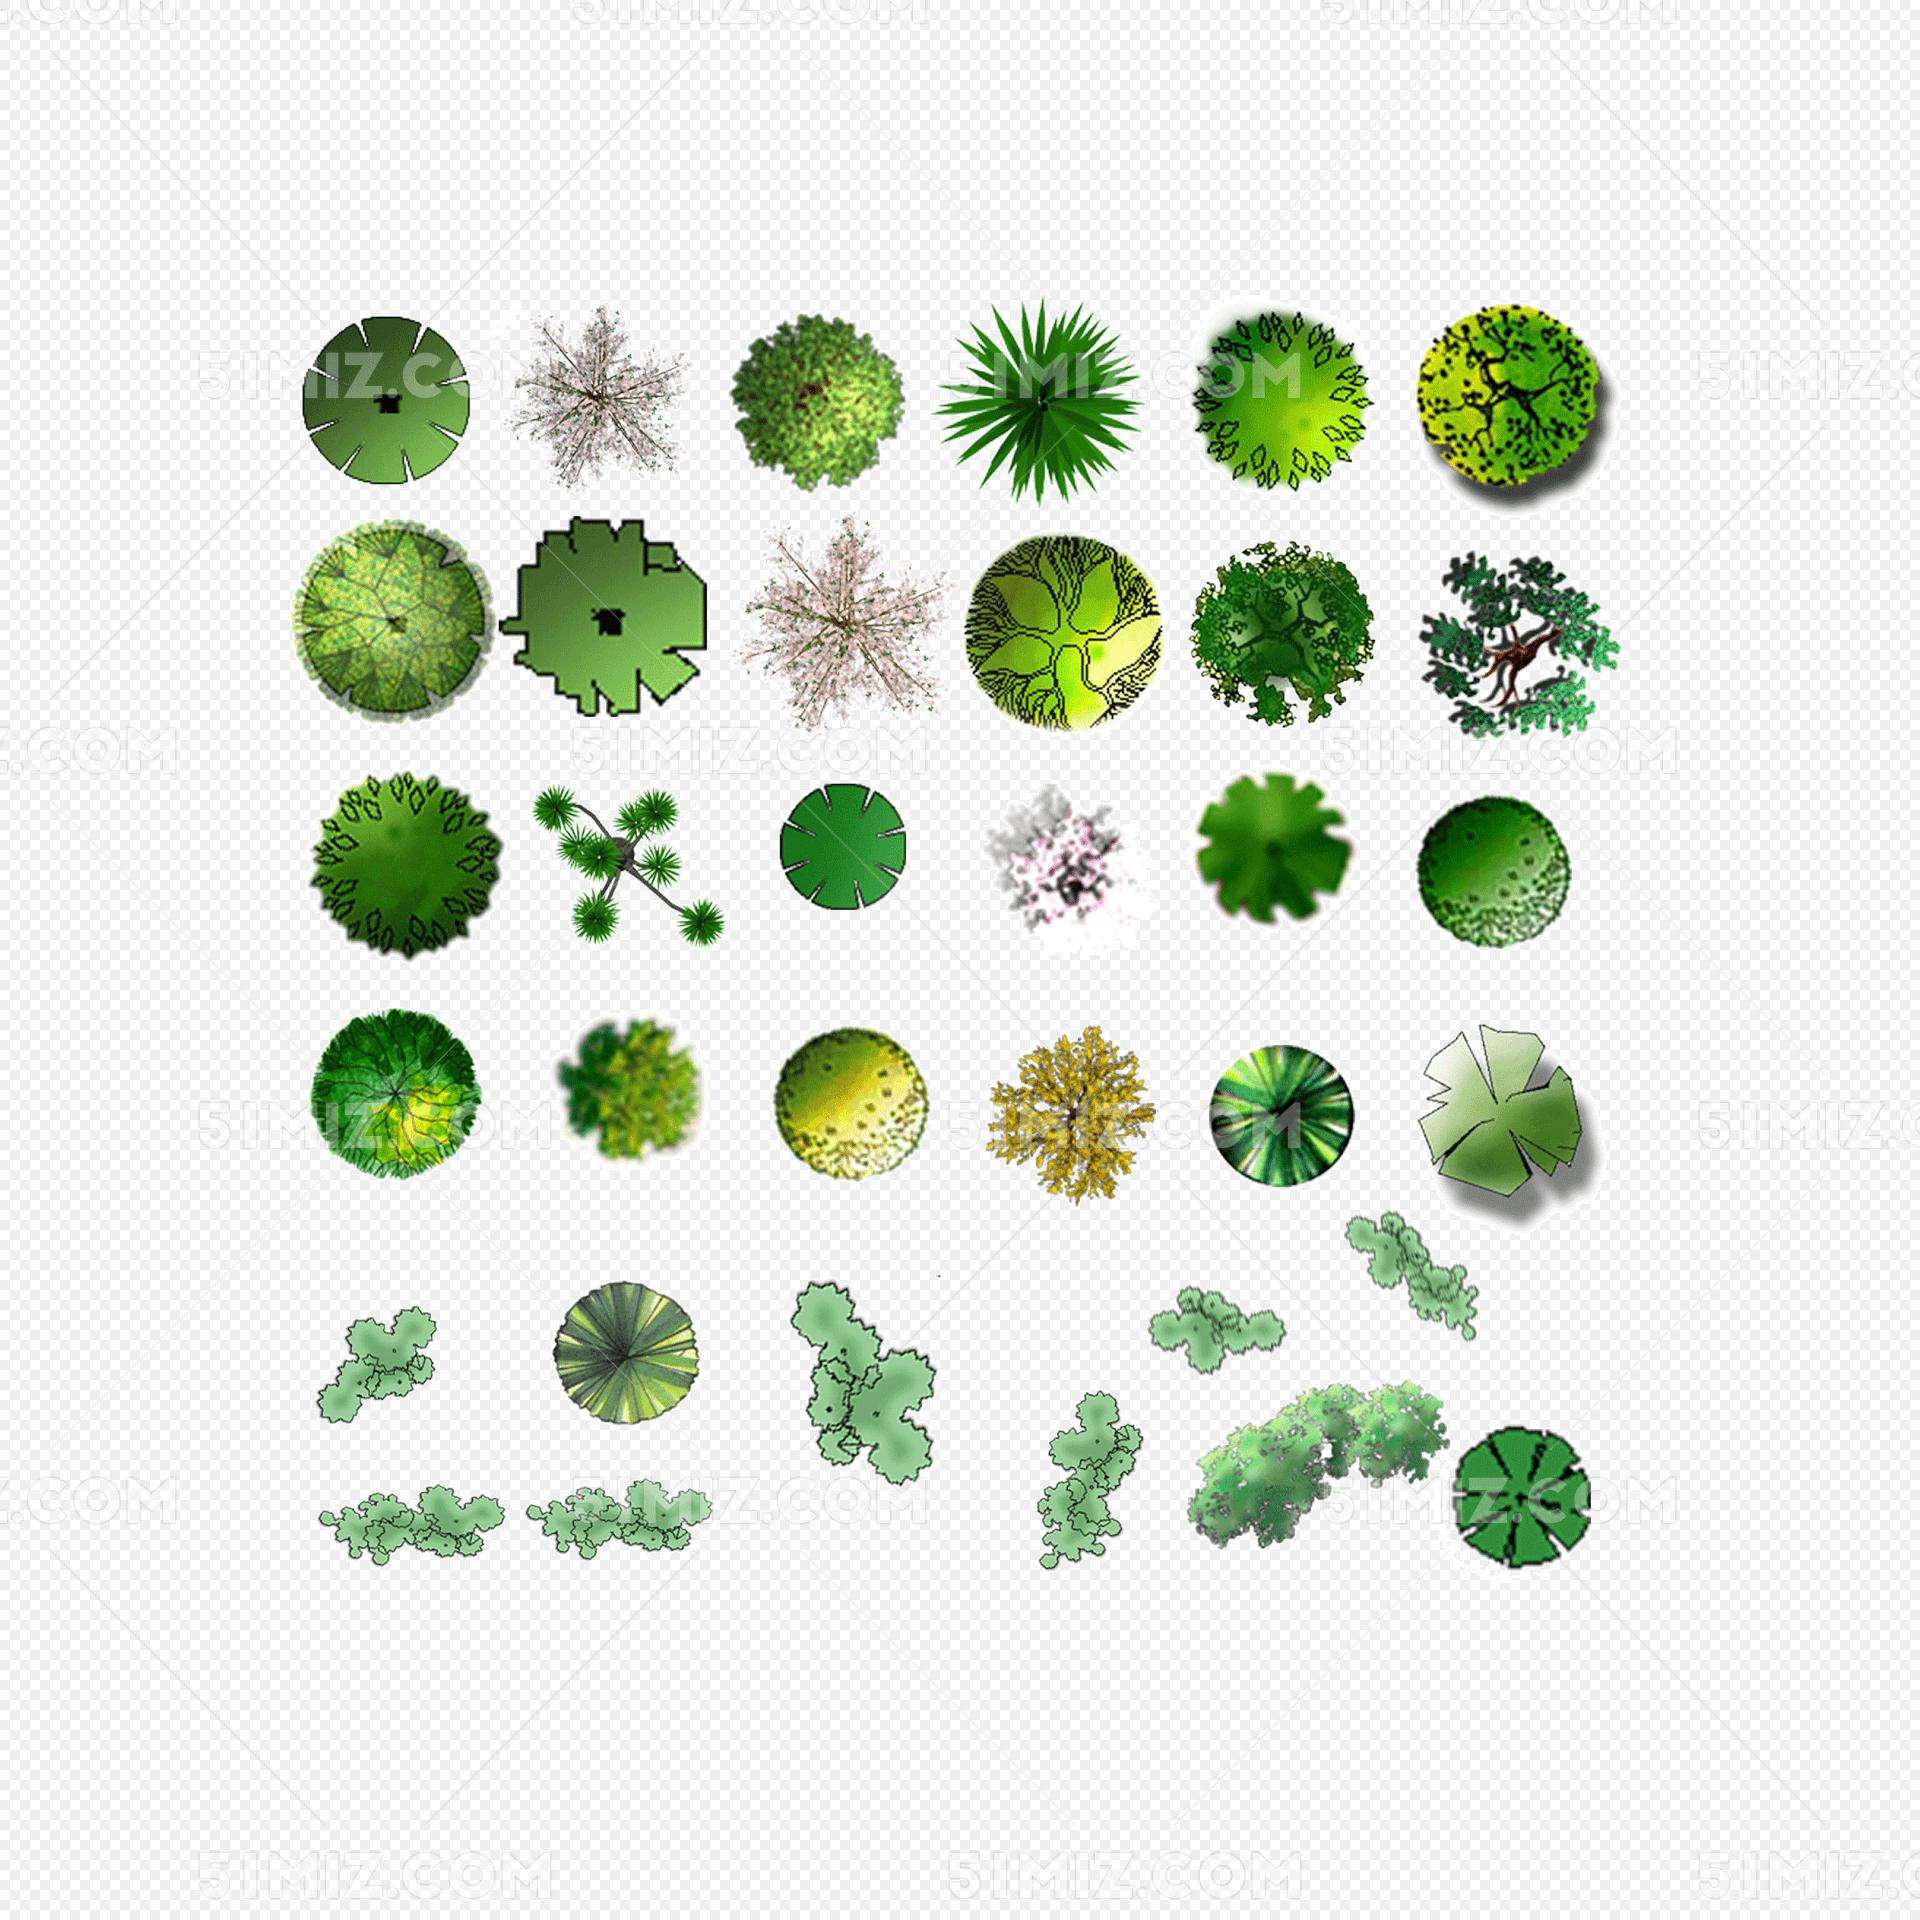 绿色景观平面树psd素材